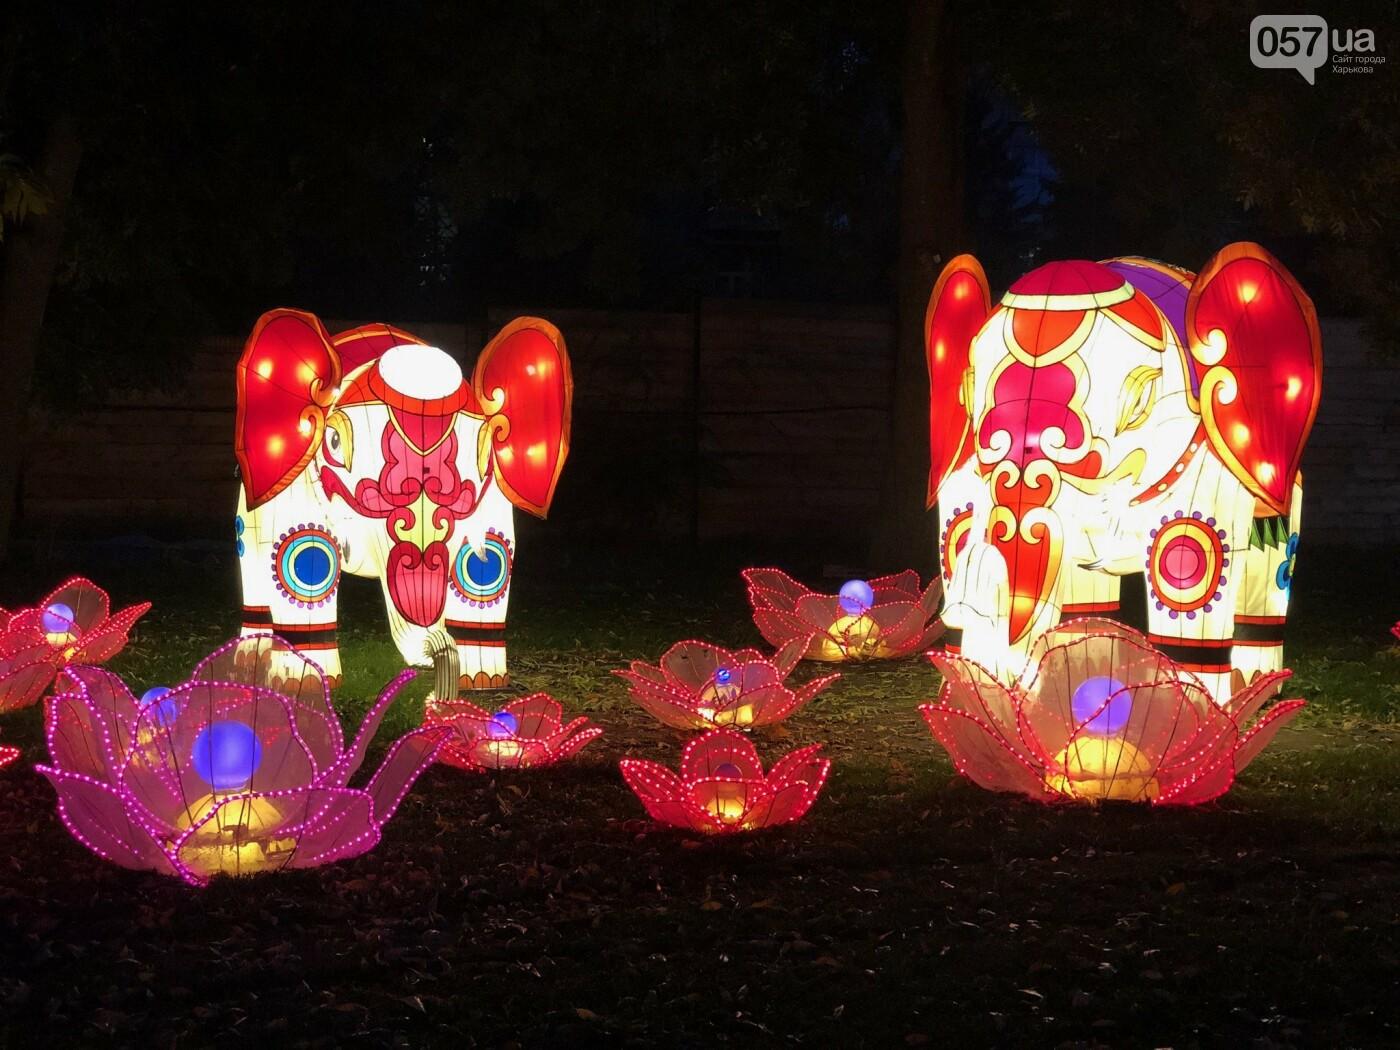 Харьков зажигает огни: что ждет посетителей Фестиваля гигантских китайских фонарей, фото-5